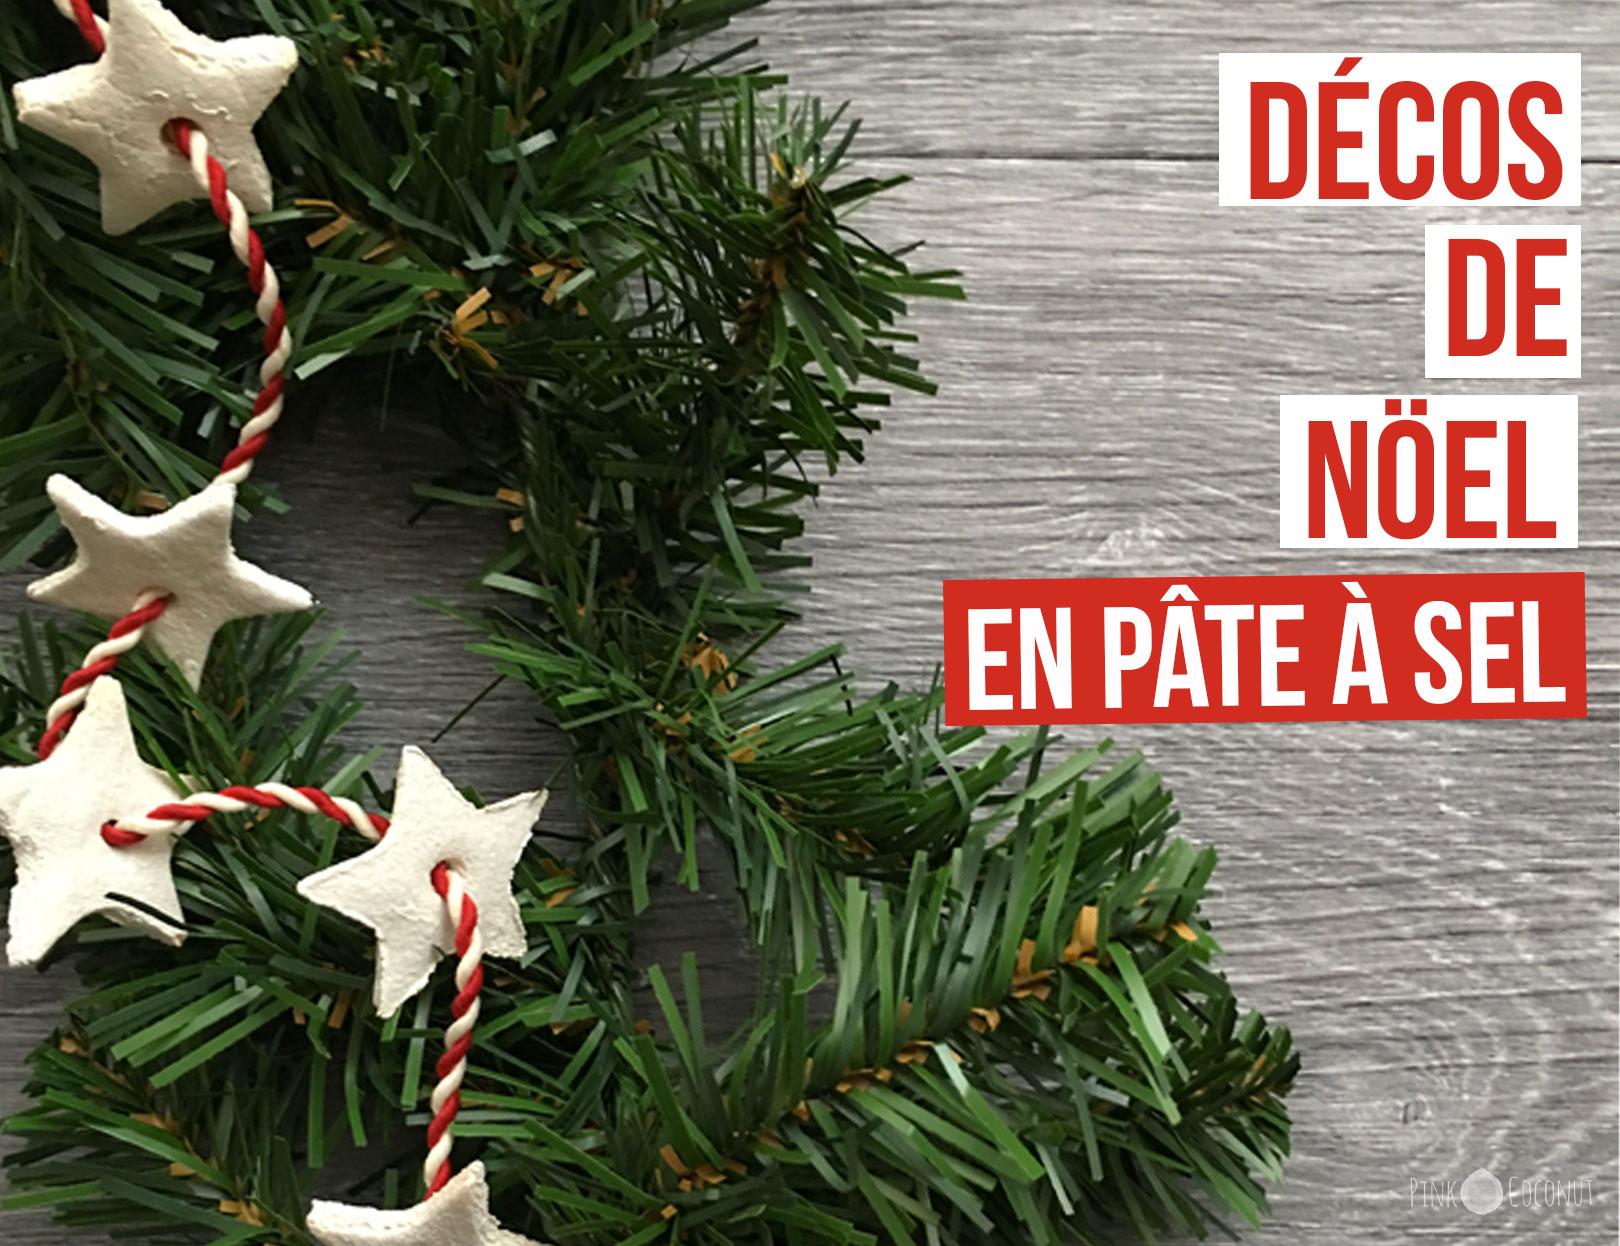 DIY décorations et guirlandes de Noël en pâte à sel